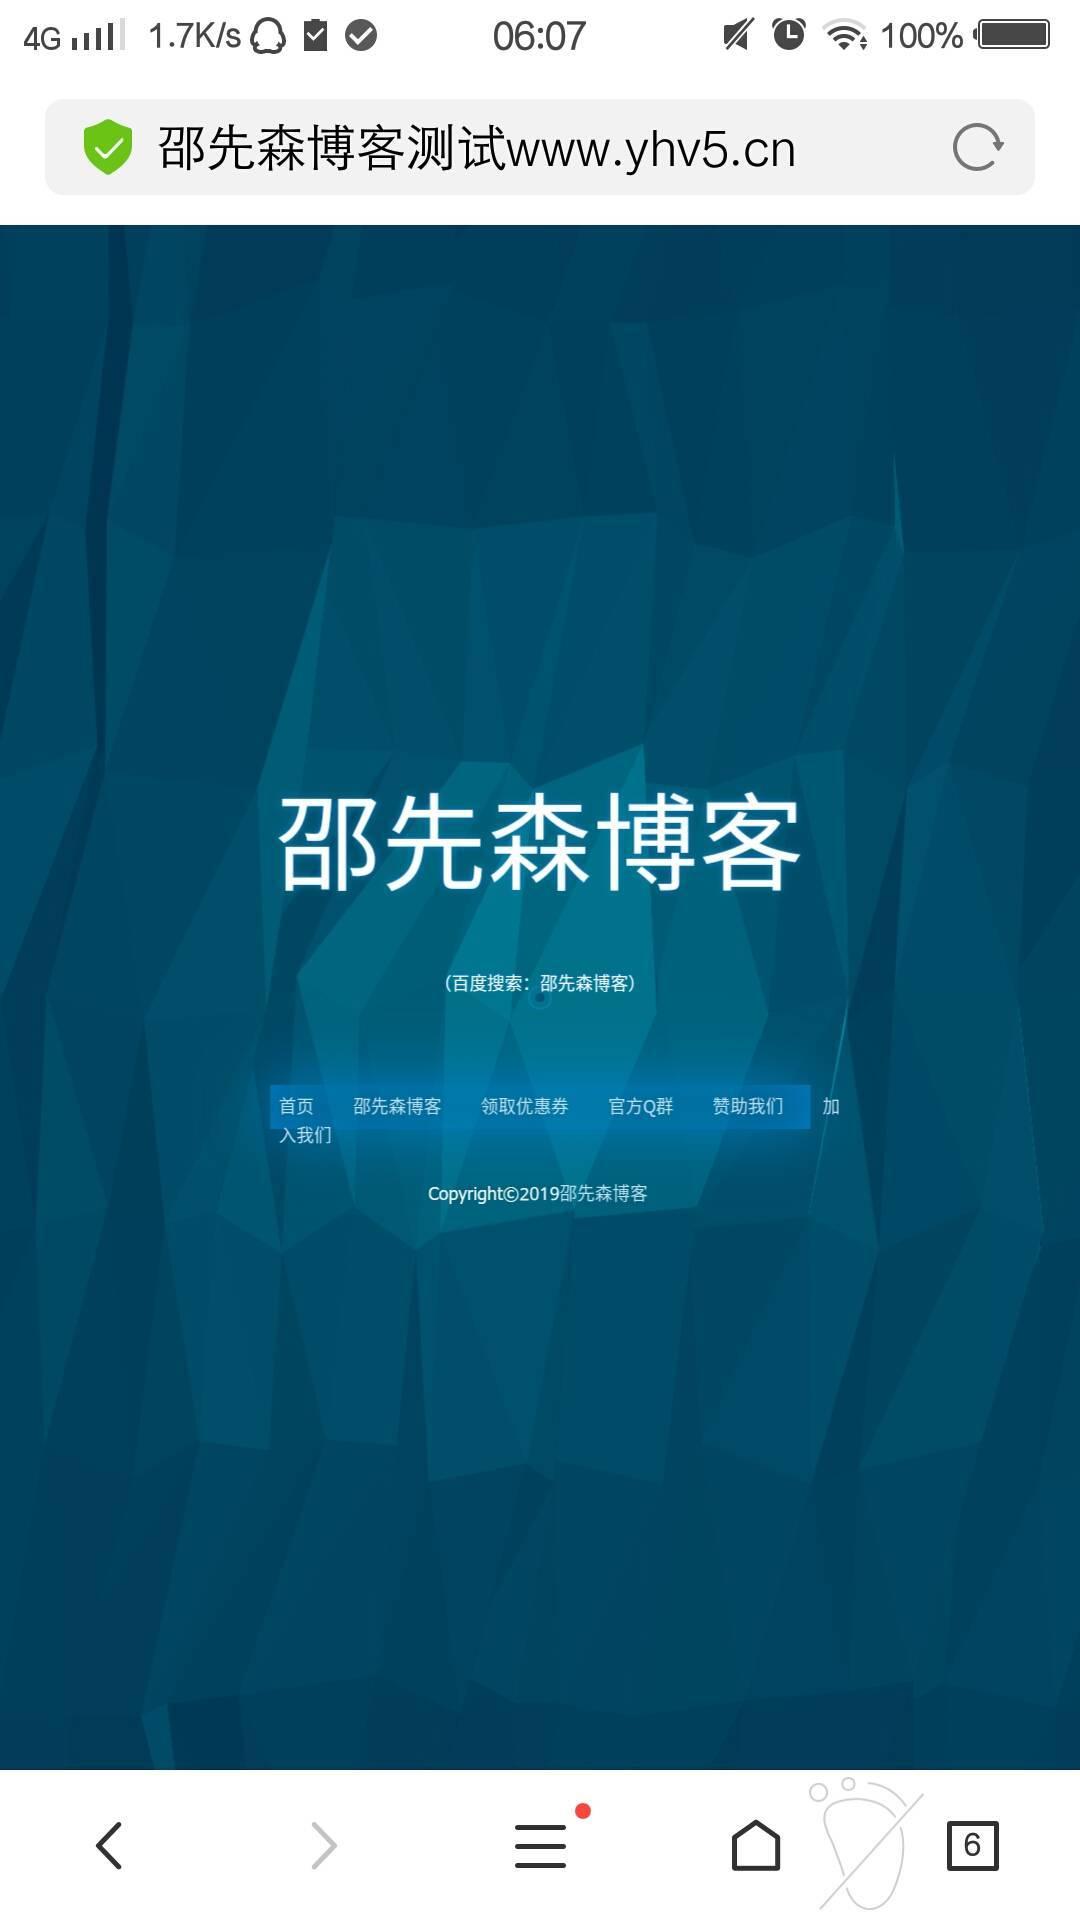 蓝色炫酷碎粒子HTML导航源码